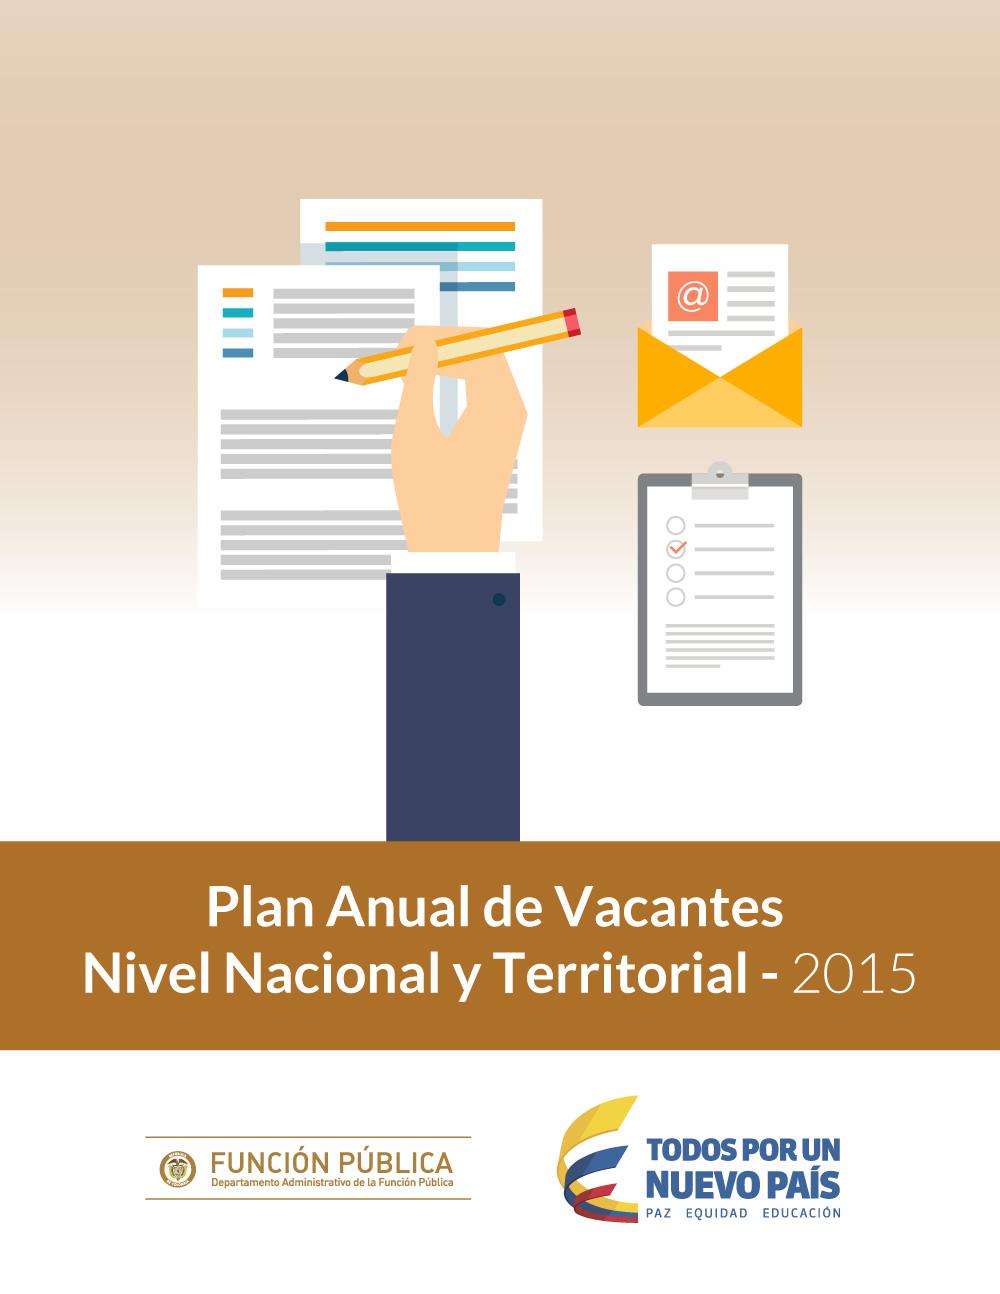 Plan Anual de Vacantes Nivel Nacional y Territorial